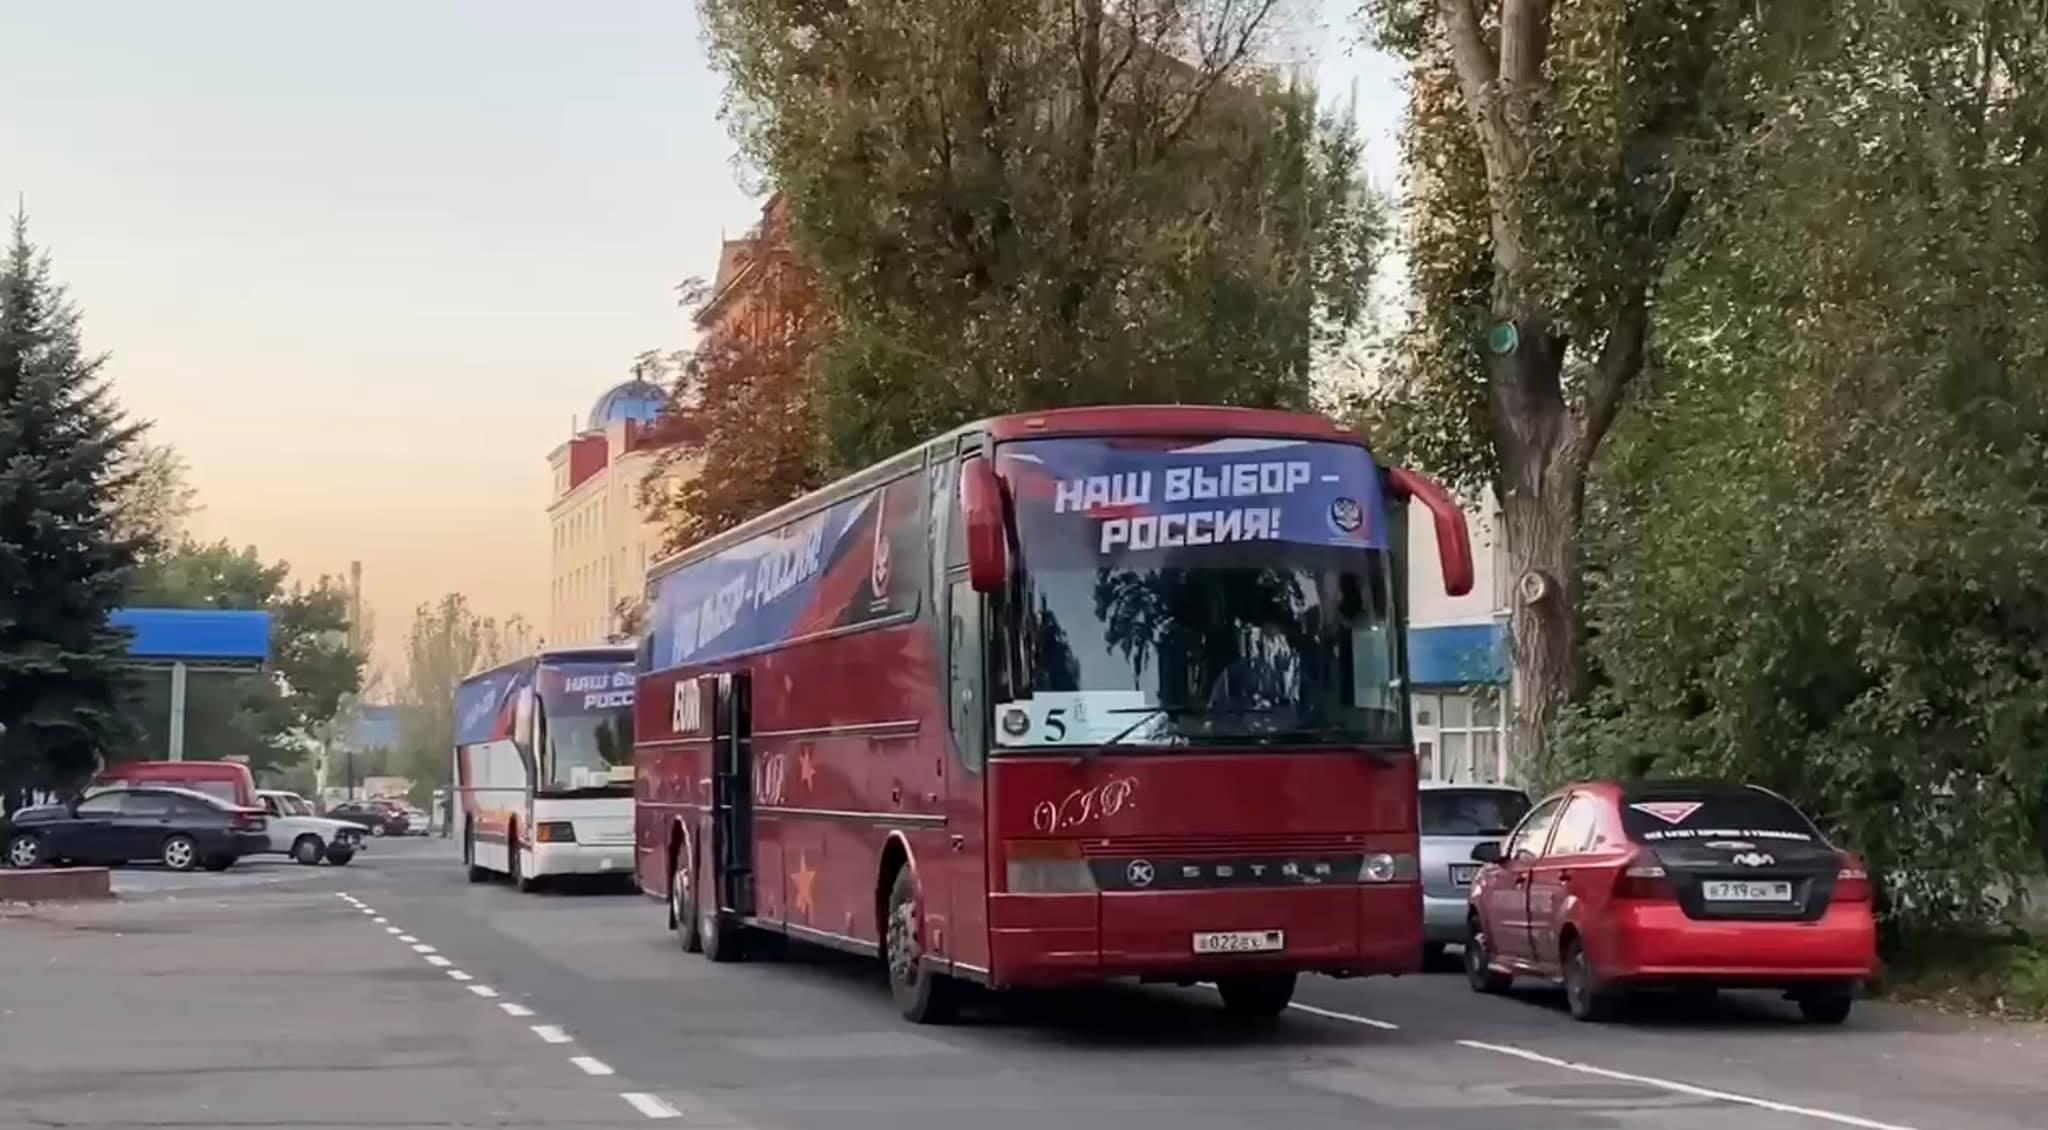 Правозащитники рассказали, сколько жителей ОРДЛО проголосовали на российских выборах. Впереди еще один избирательный день